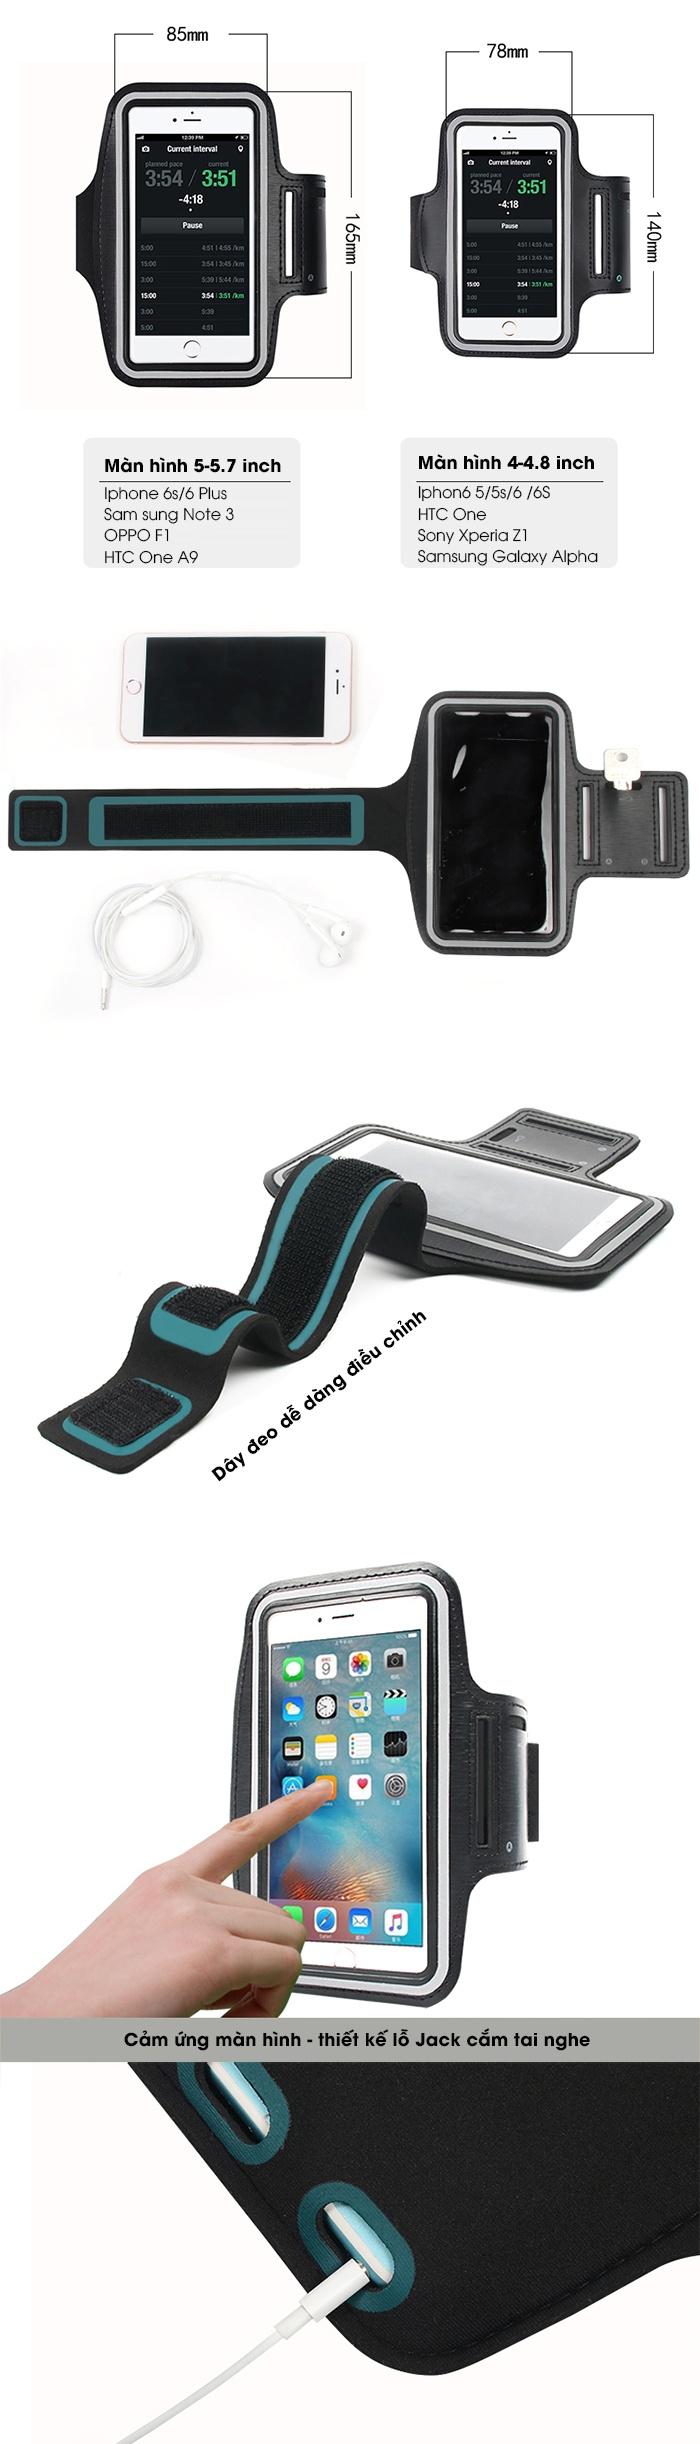 túi-đeo-tay-điện-thoại-tap-thể-dục